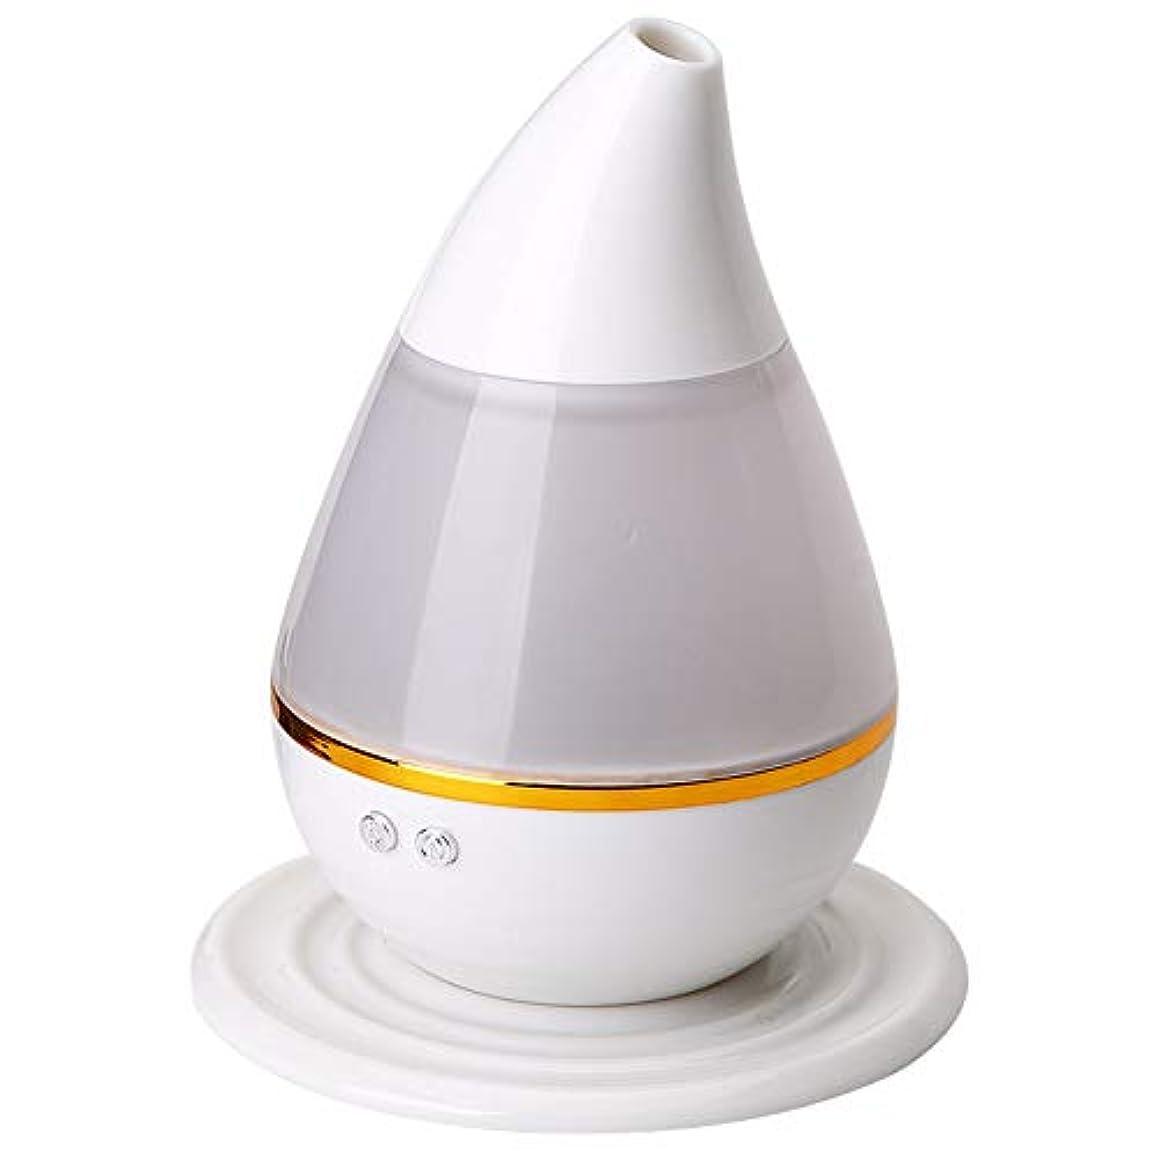 アプト講義ラビリンスエッセンシャル オイル ディフューザー, 涼しい霧の加湿器 7色LEDムードランプ そして 自動シャットオフ アロマディフューザー の ホーム オフィス Yoga 車-ホワイト 12x15cm